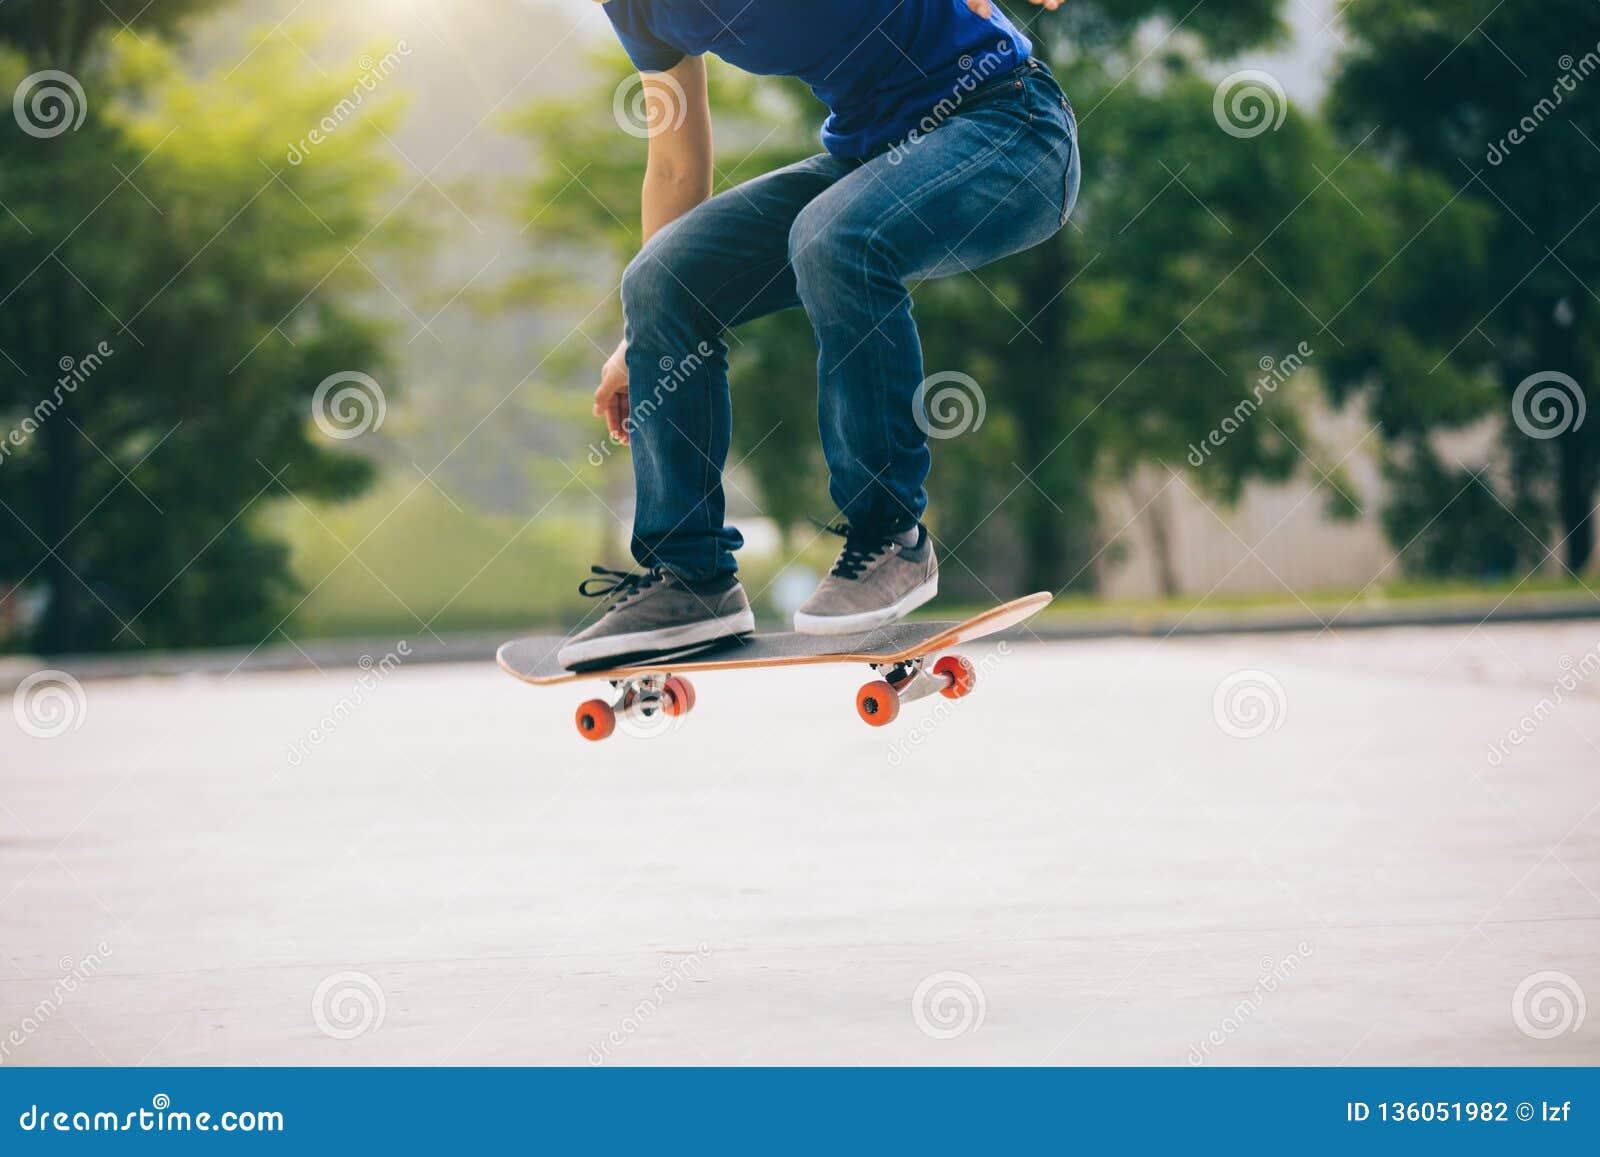 Skateboarder die in openlucht met een skateboard rijden